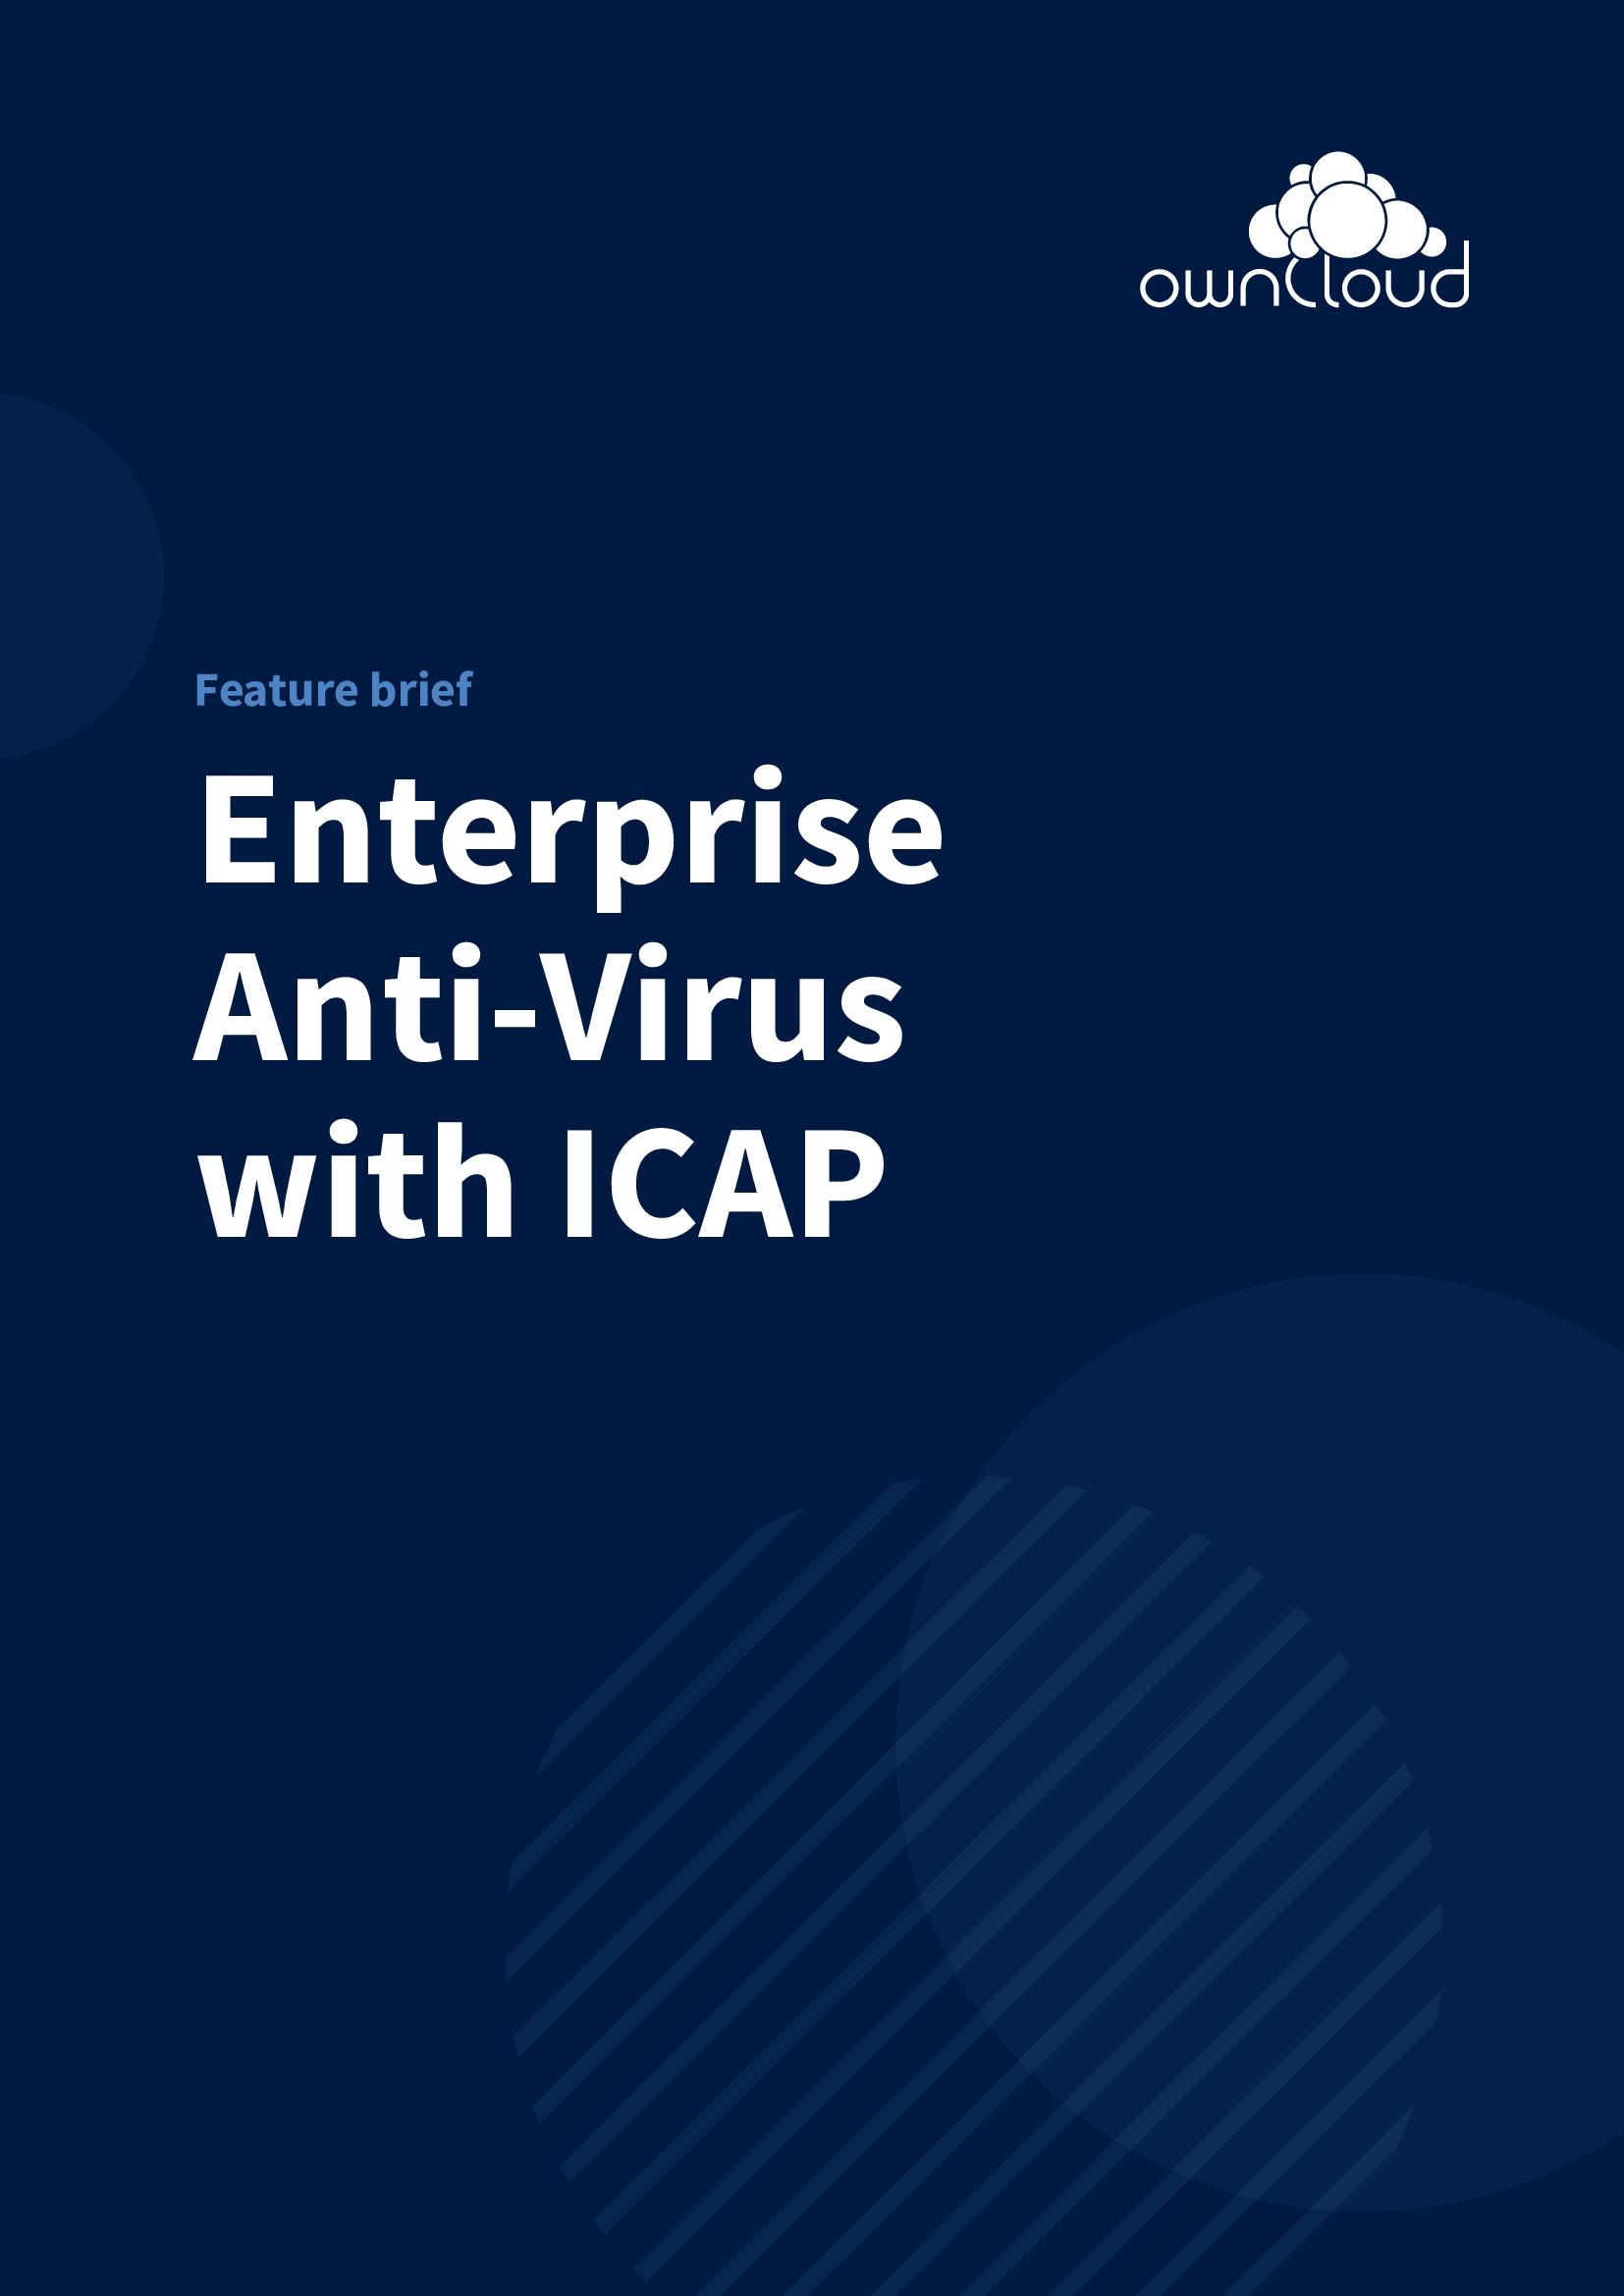 Übersicht ICAP-Feature